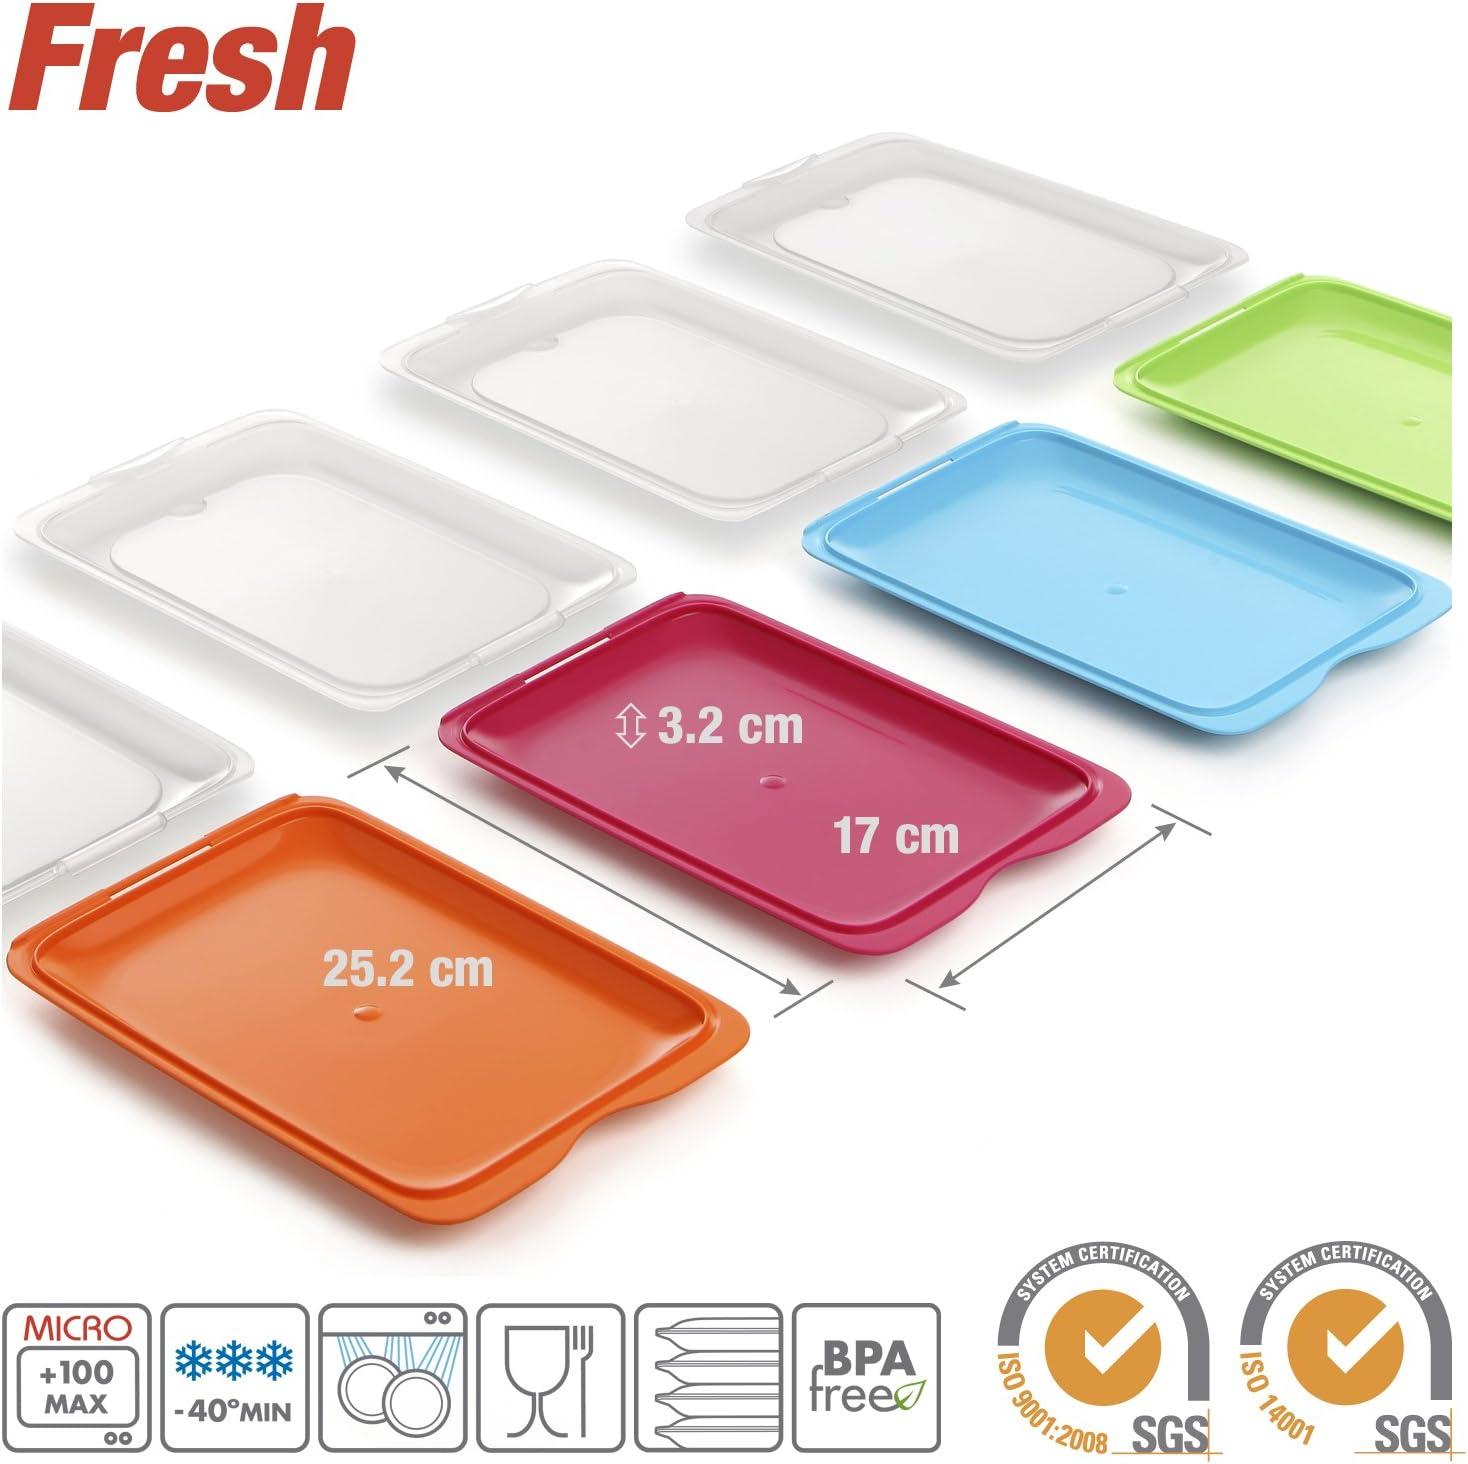 Verde y Rosa Medidas 17 x 3.2 x 25.2 cm Tatay Lote 6 Porta Embutidos y Alimentos Fresh en Colores Sutidos Azul Naranja